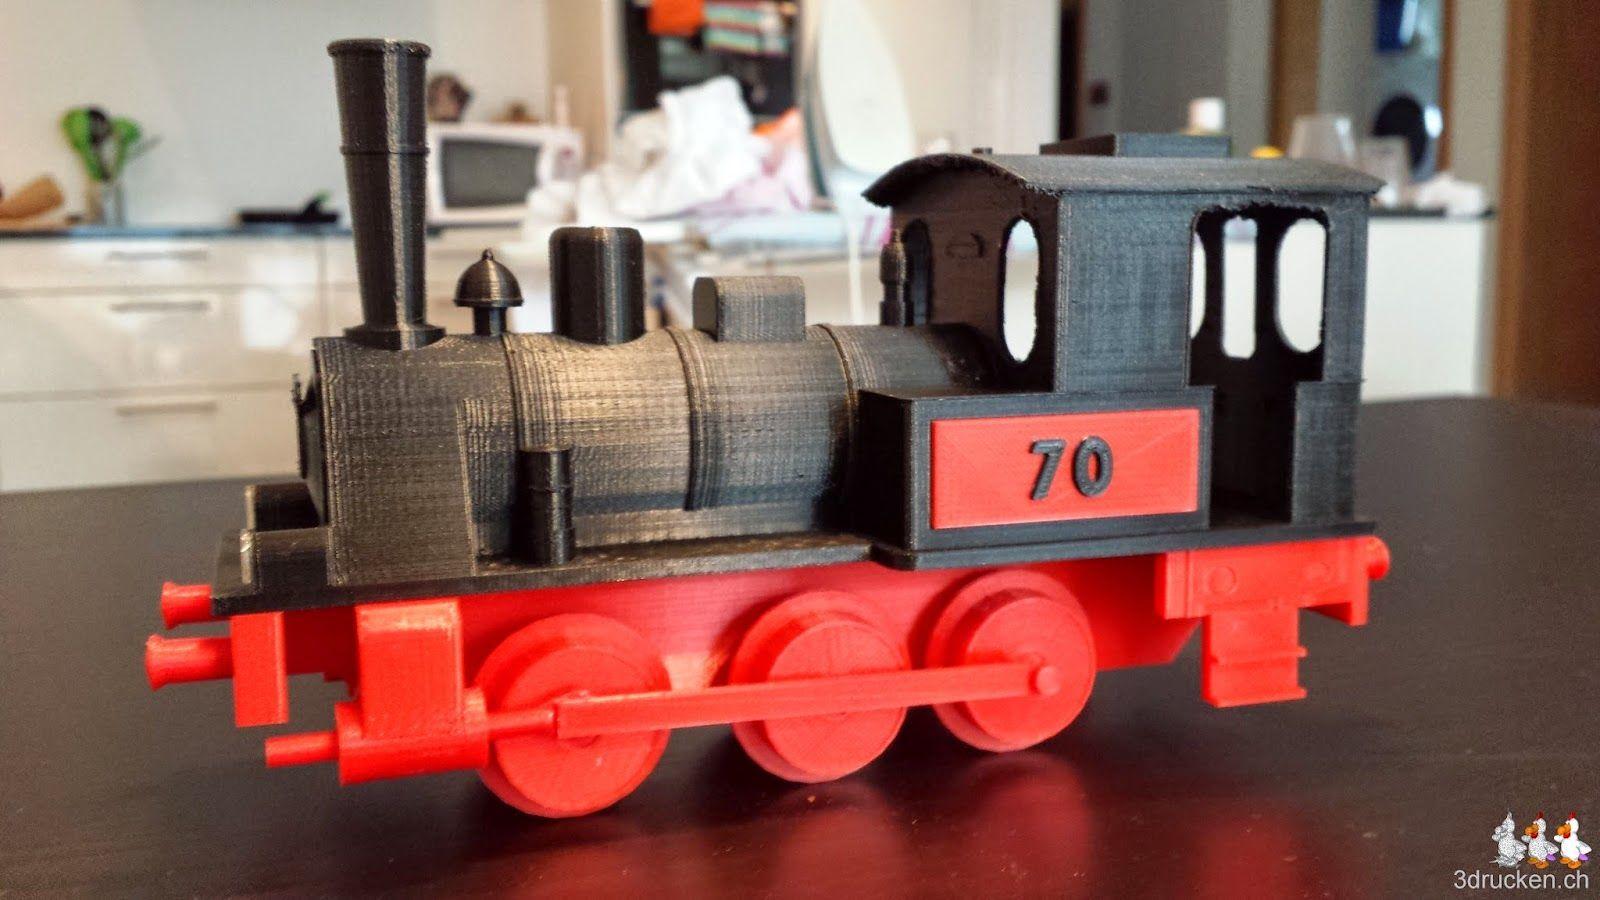 Foto der fertigen Lokomotive von der linken Seite aufgenommen